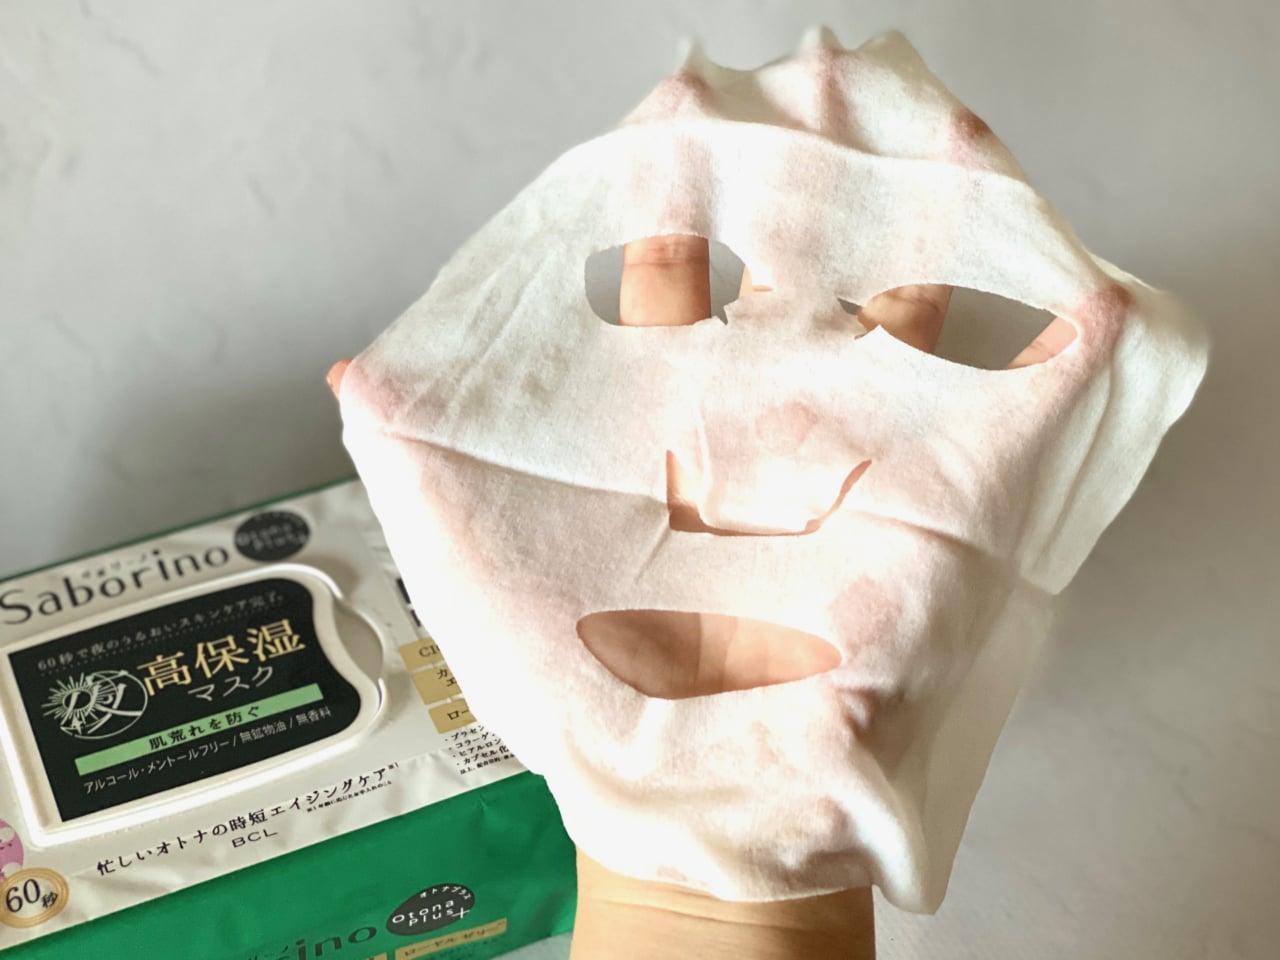 サボリーノ 夜マスク